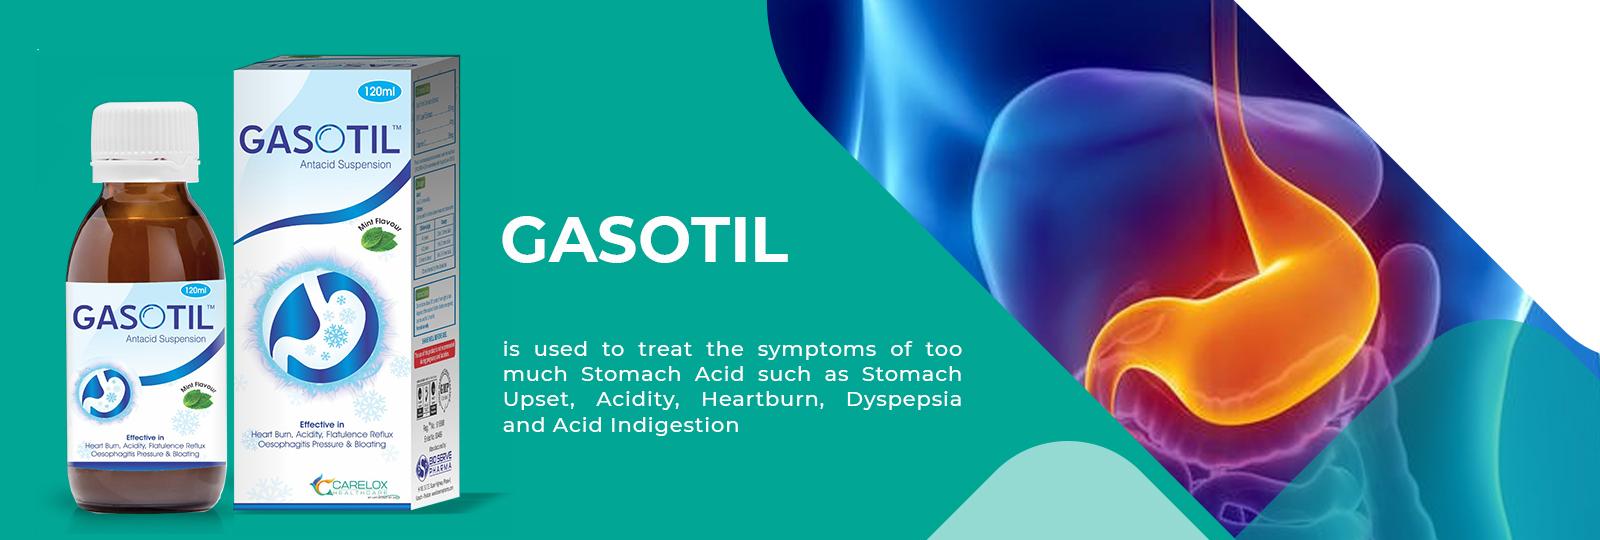 Gasotil-banner